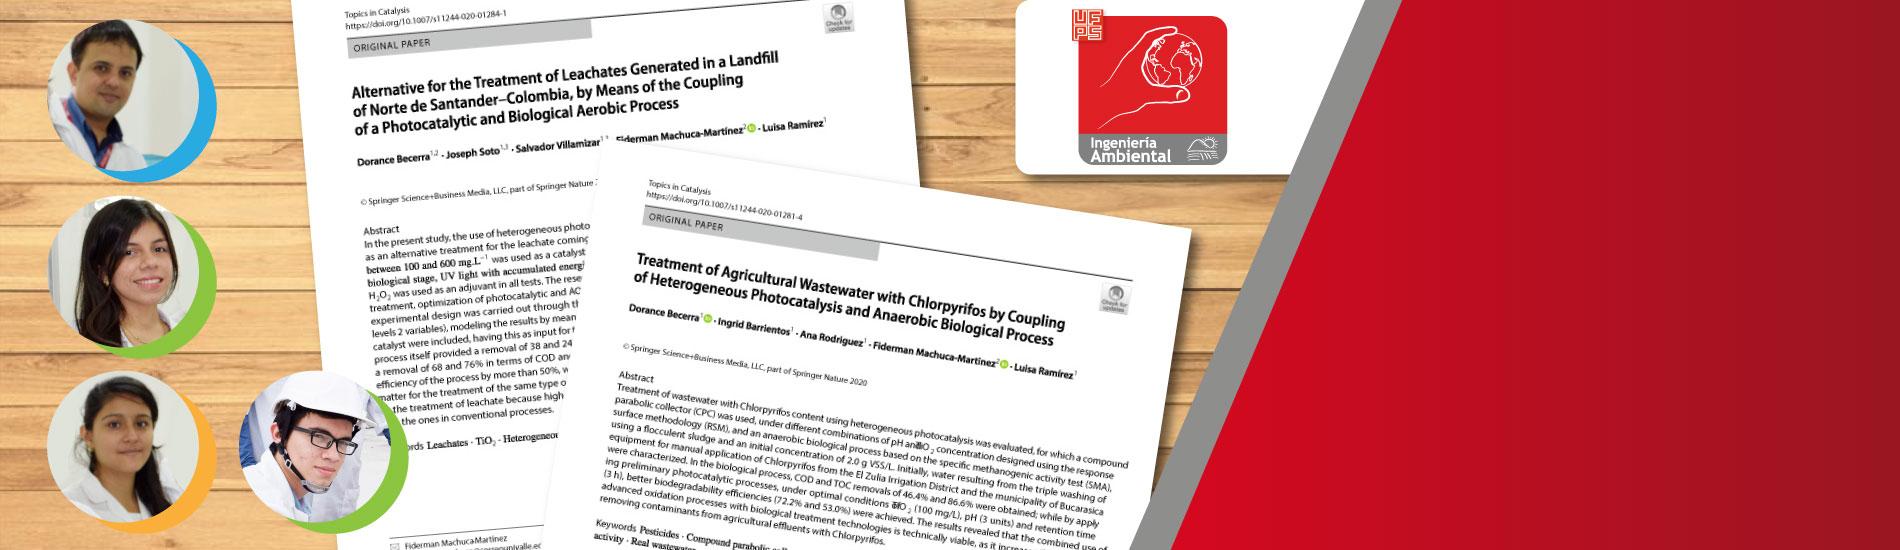 Docentes y graduados de Ing. Ambiental UFPS publican dos artículos científicos en revista de Categoría A1